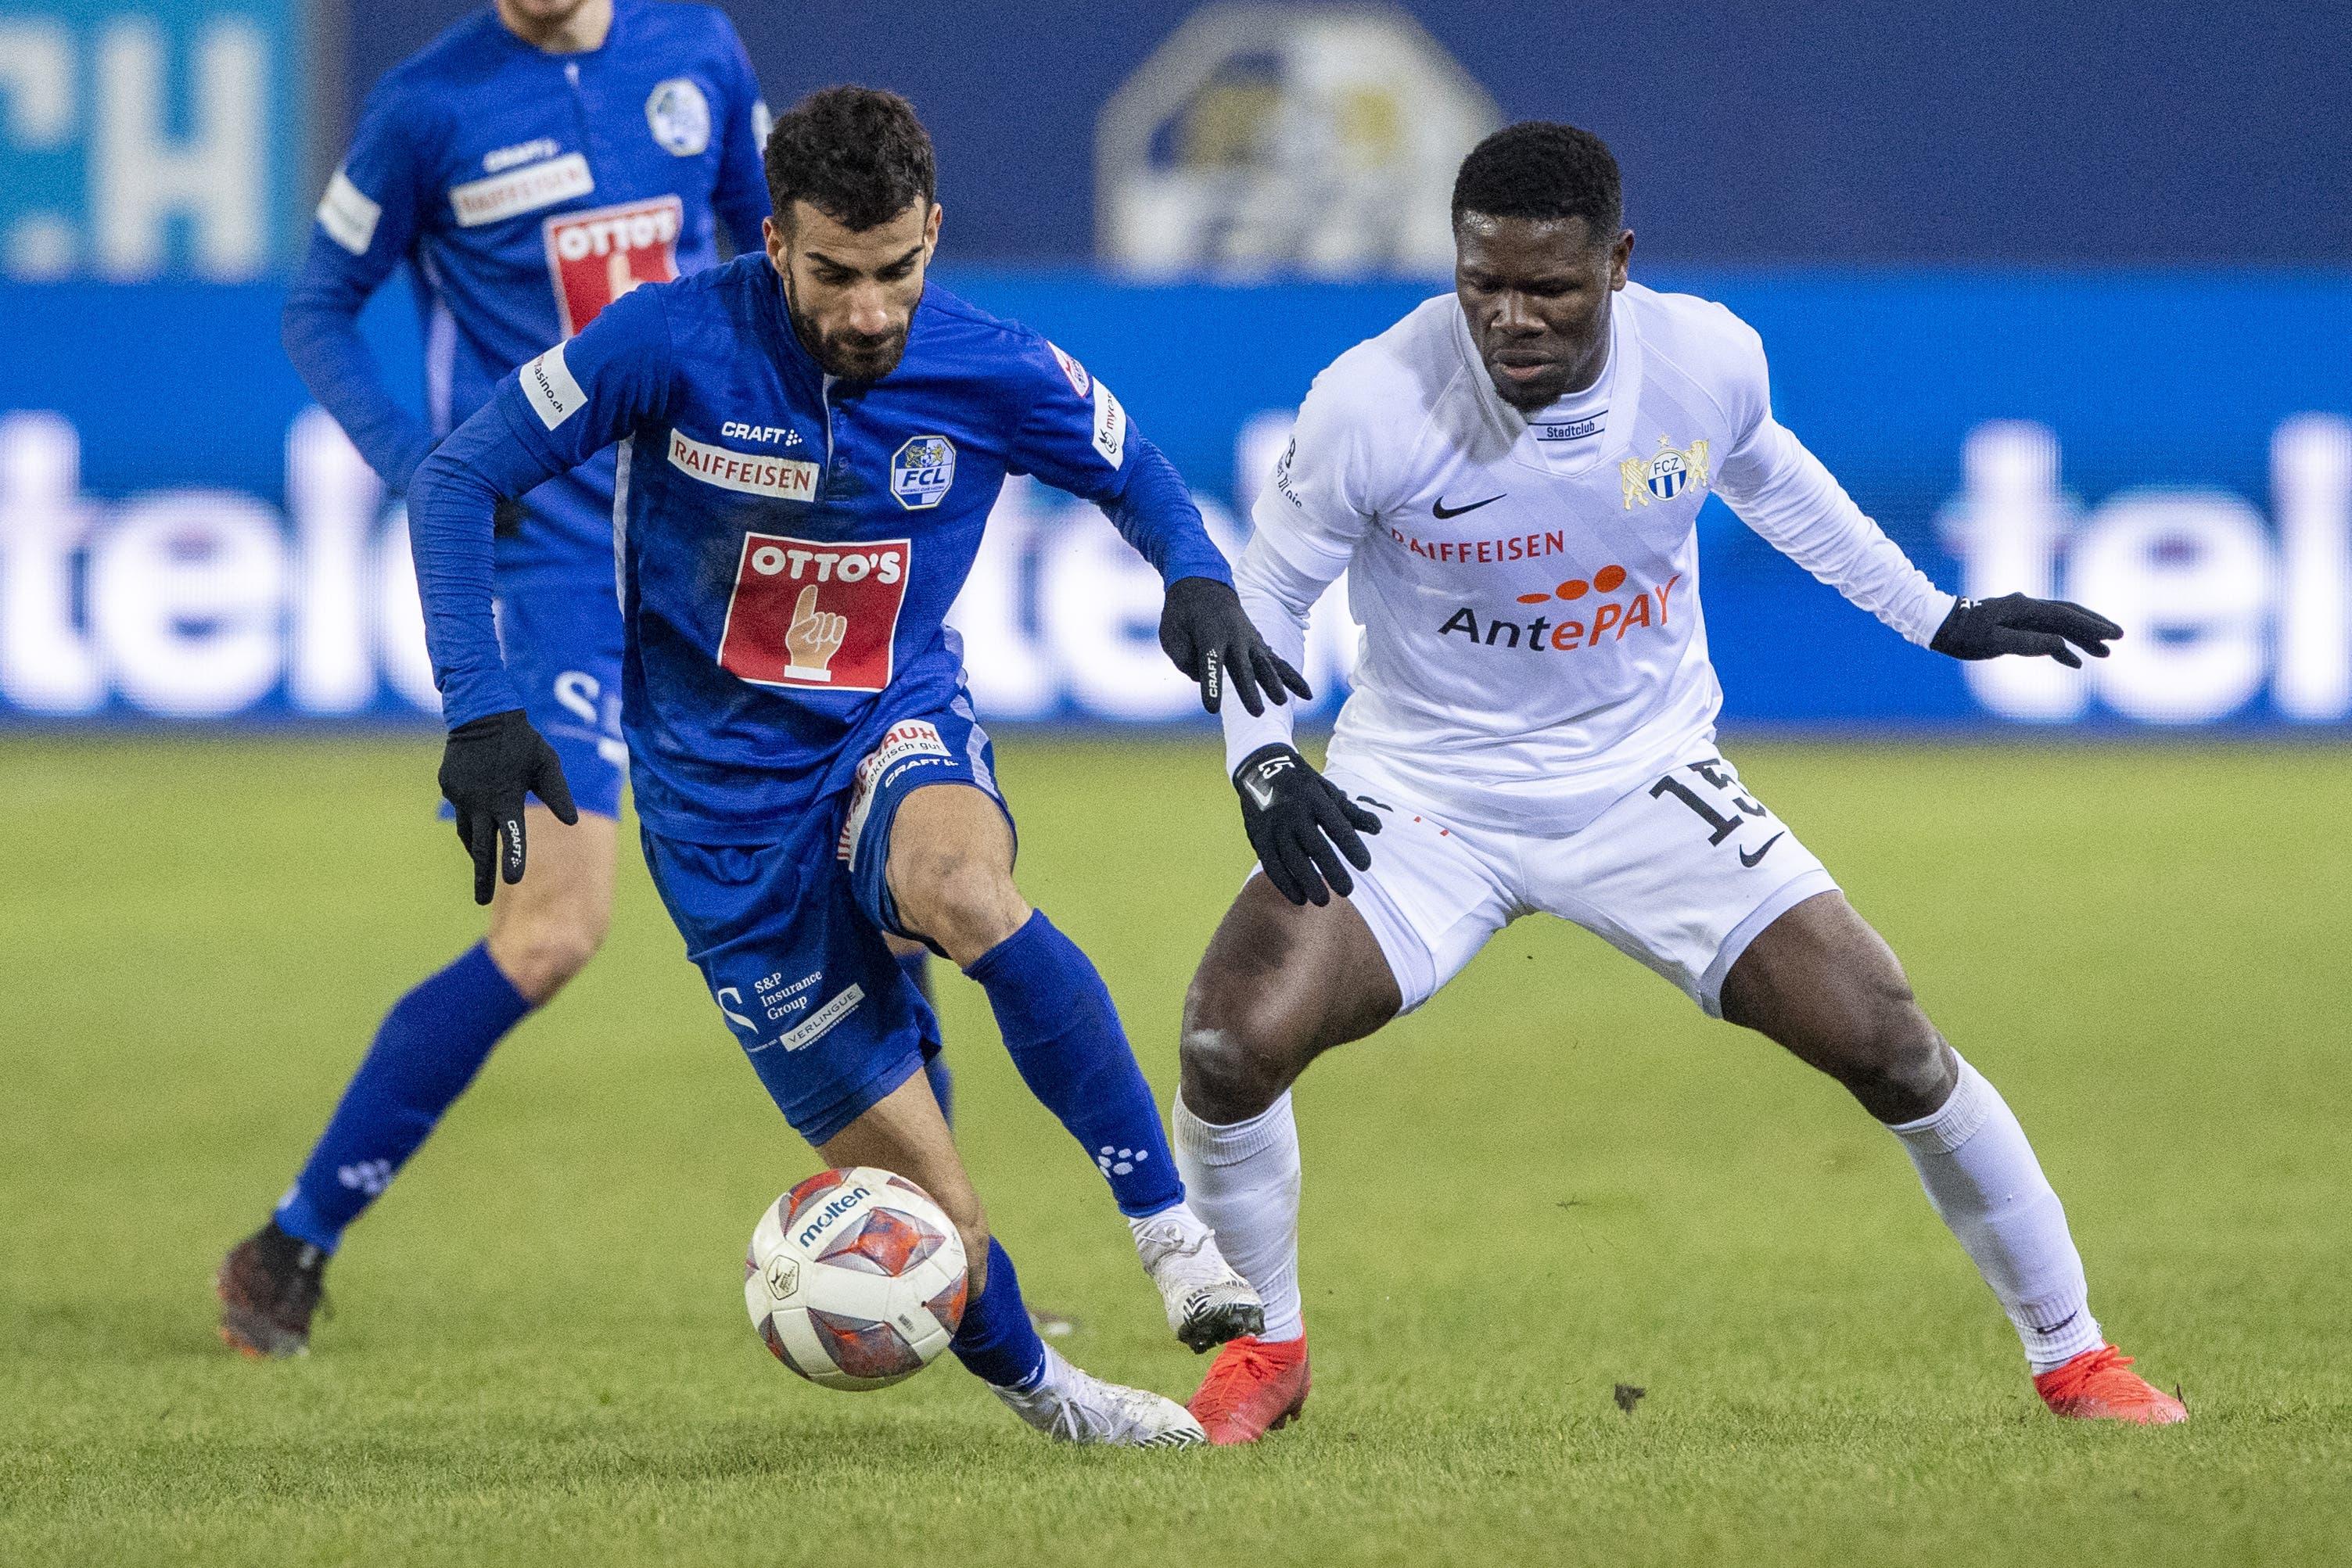 Aktivposten Varol Tasar vom FC Luzern (links) gegen FCZ-Spieler Aiyegun Tosin.